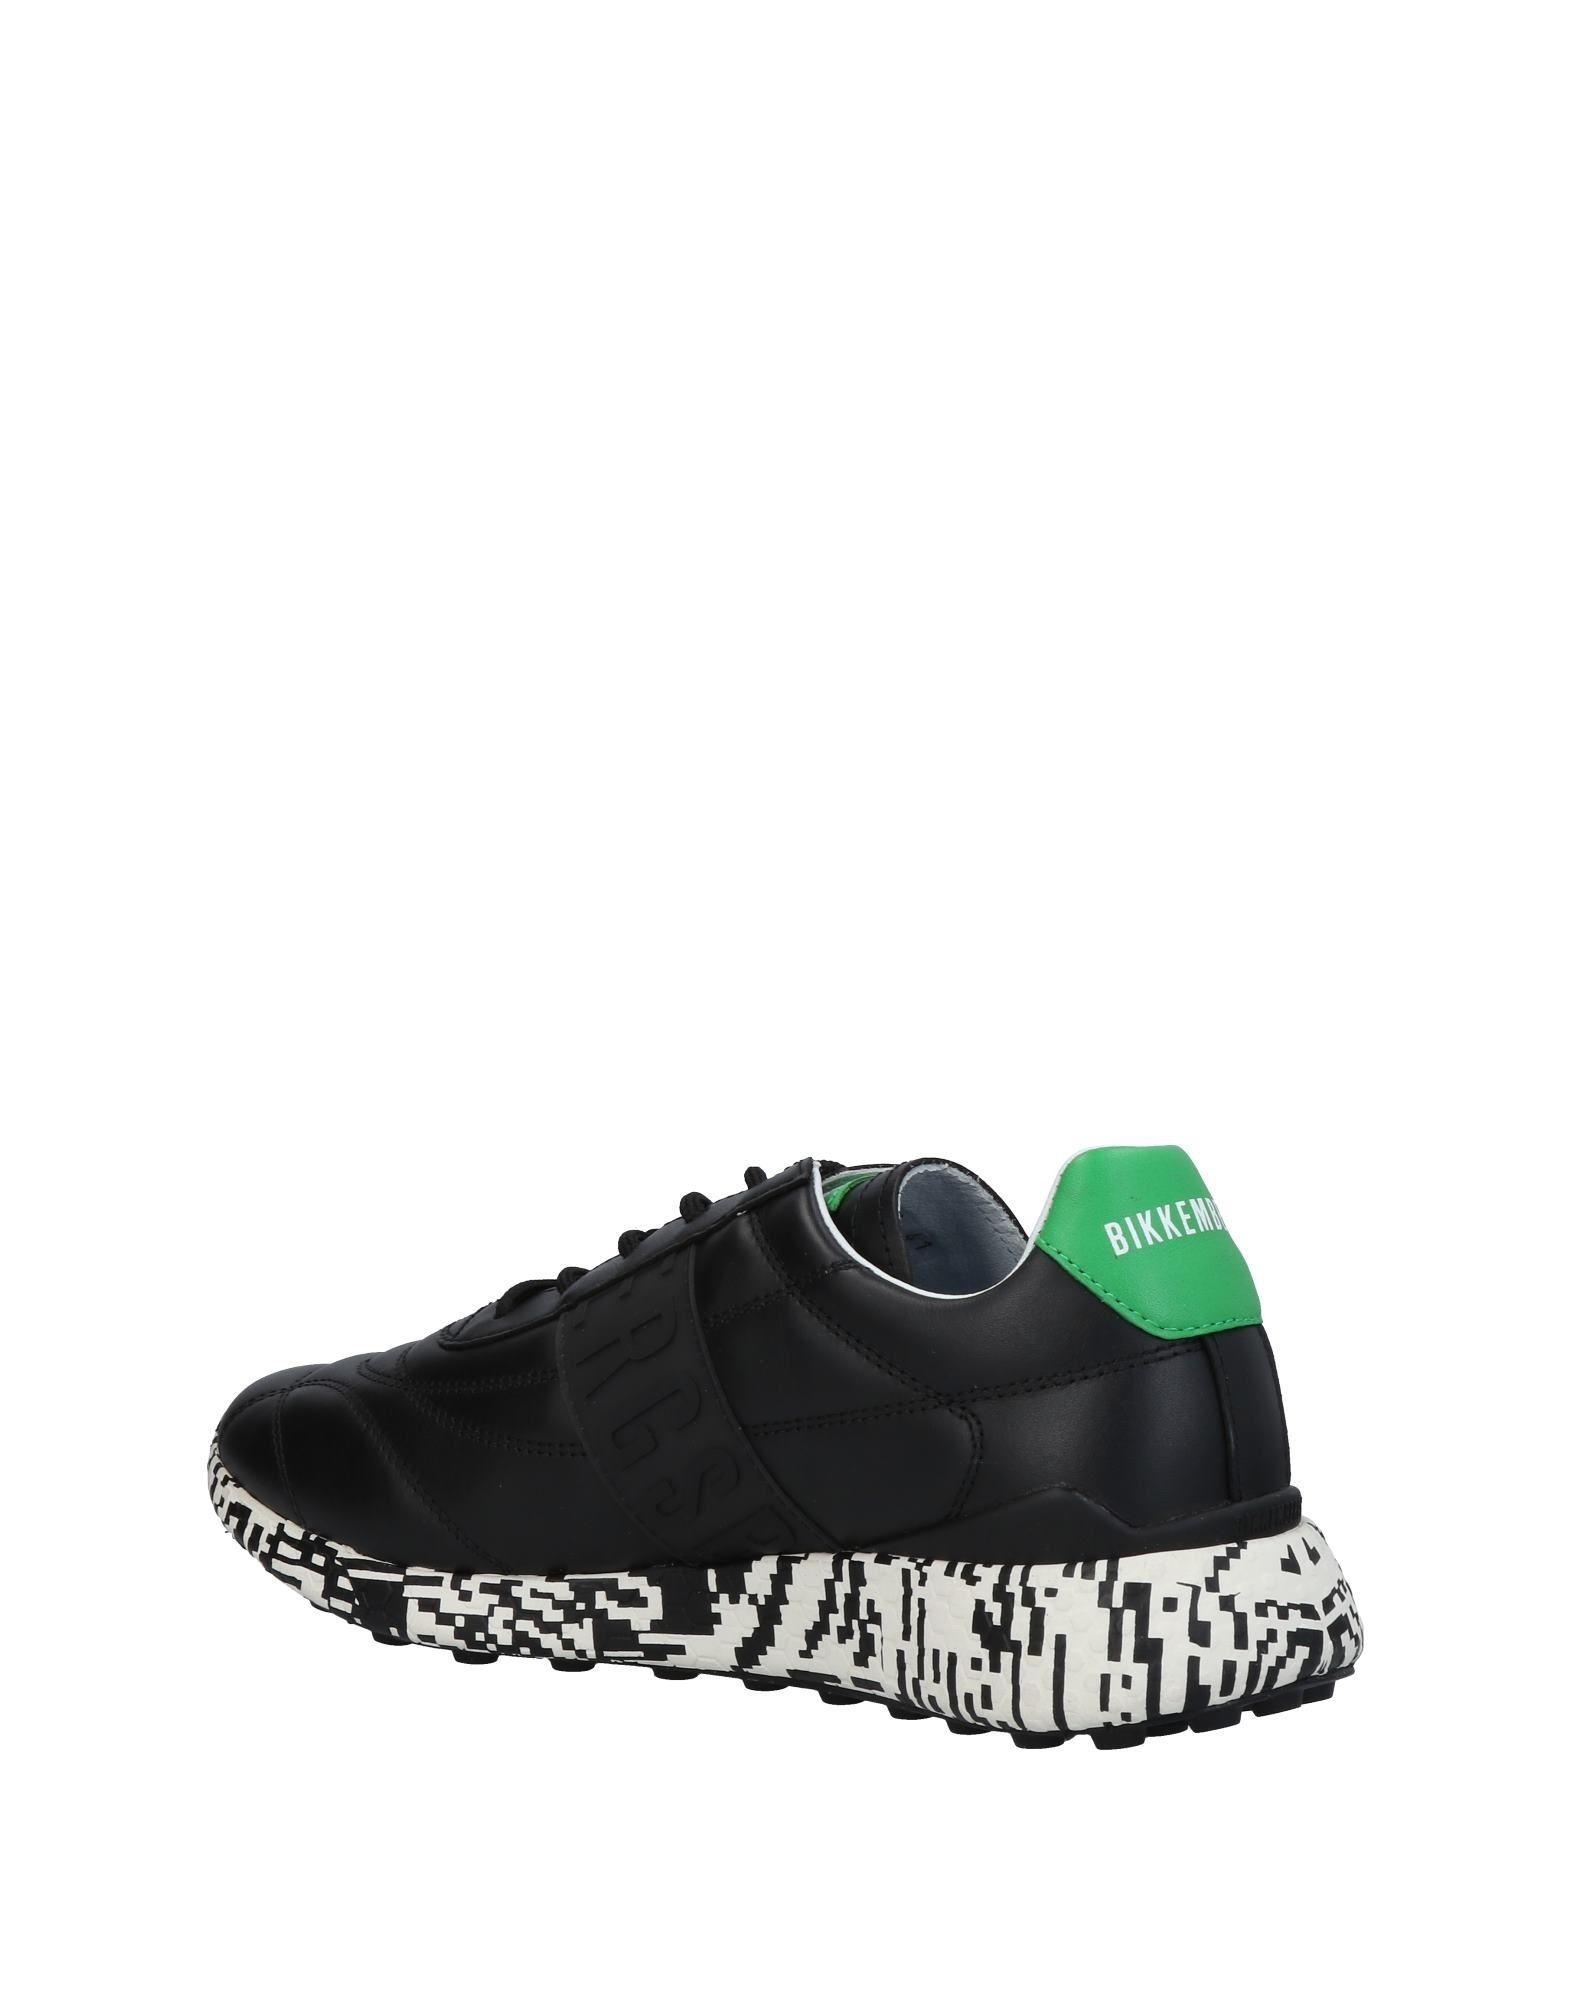 Bikkembergs Sneakers Herren Qualität  11450805TS Gute Qualität Herren beliebte Schuhe 5ec79d